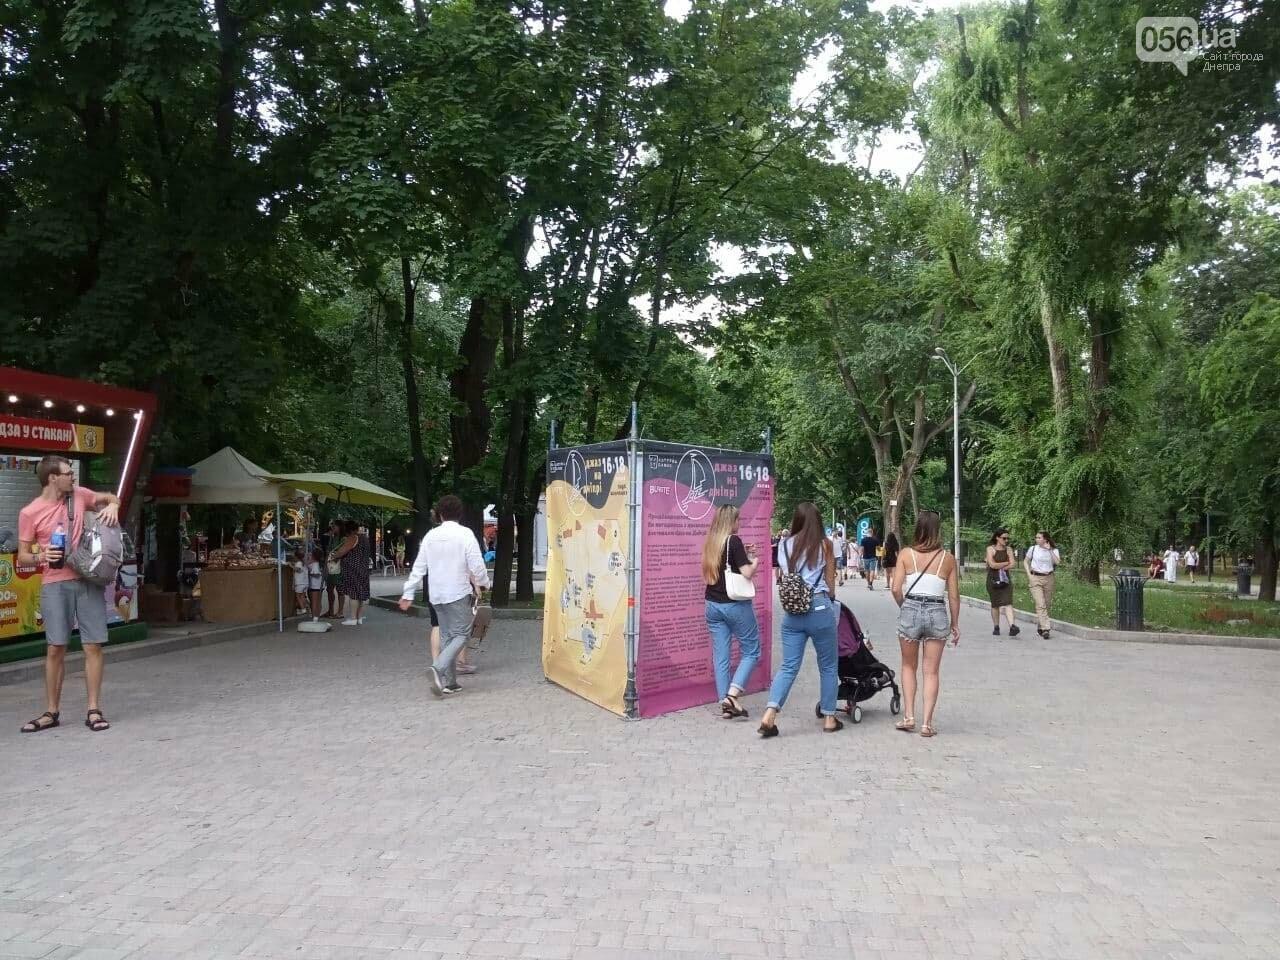 В Днепре по всей территории парка Шевченко звучит музыка нон-стоп, - ФОТО, ВИДЕО, фото-3